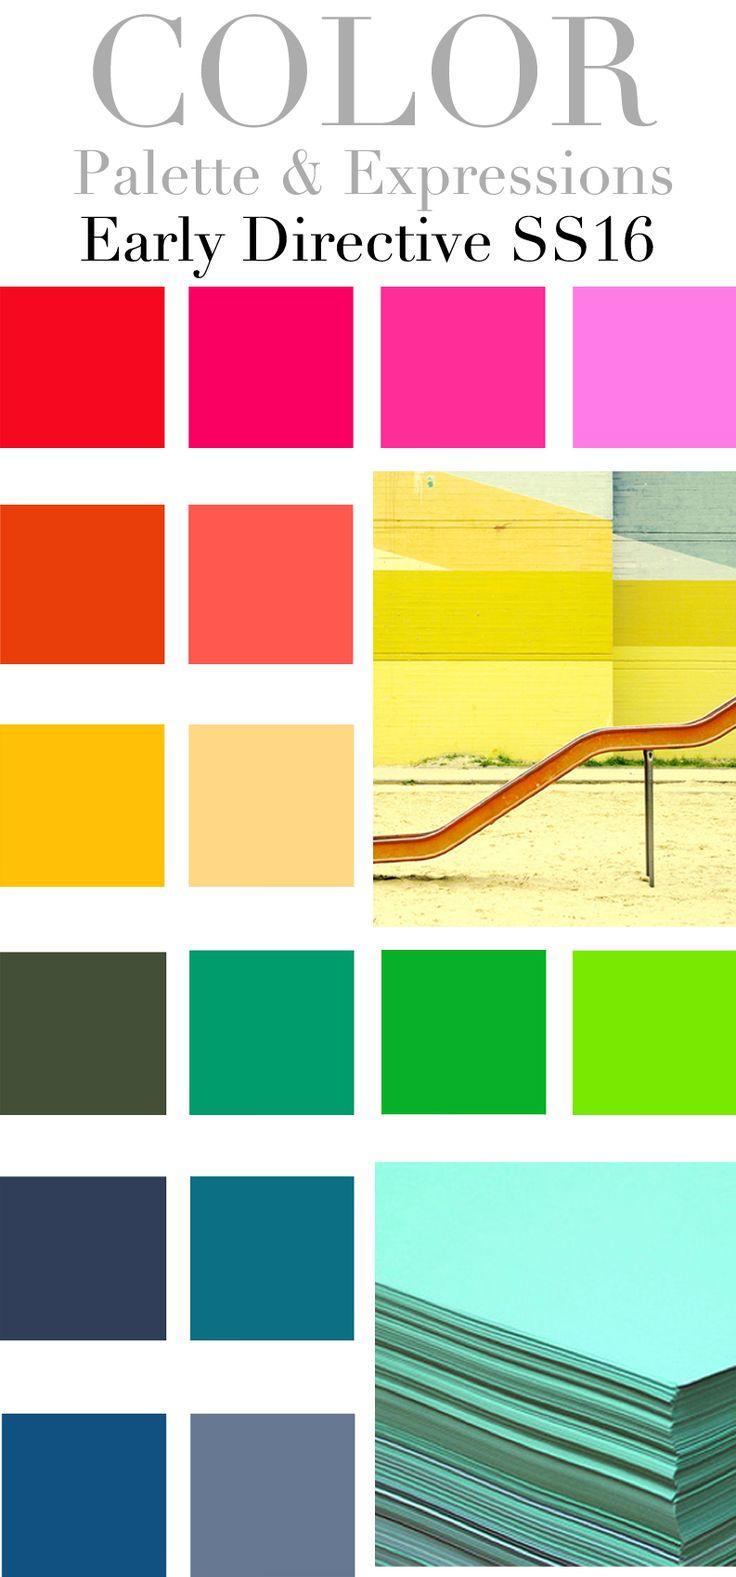 91 Best Springsummer 2016 Color Images On Pinterest Color - home design colors 2016